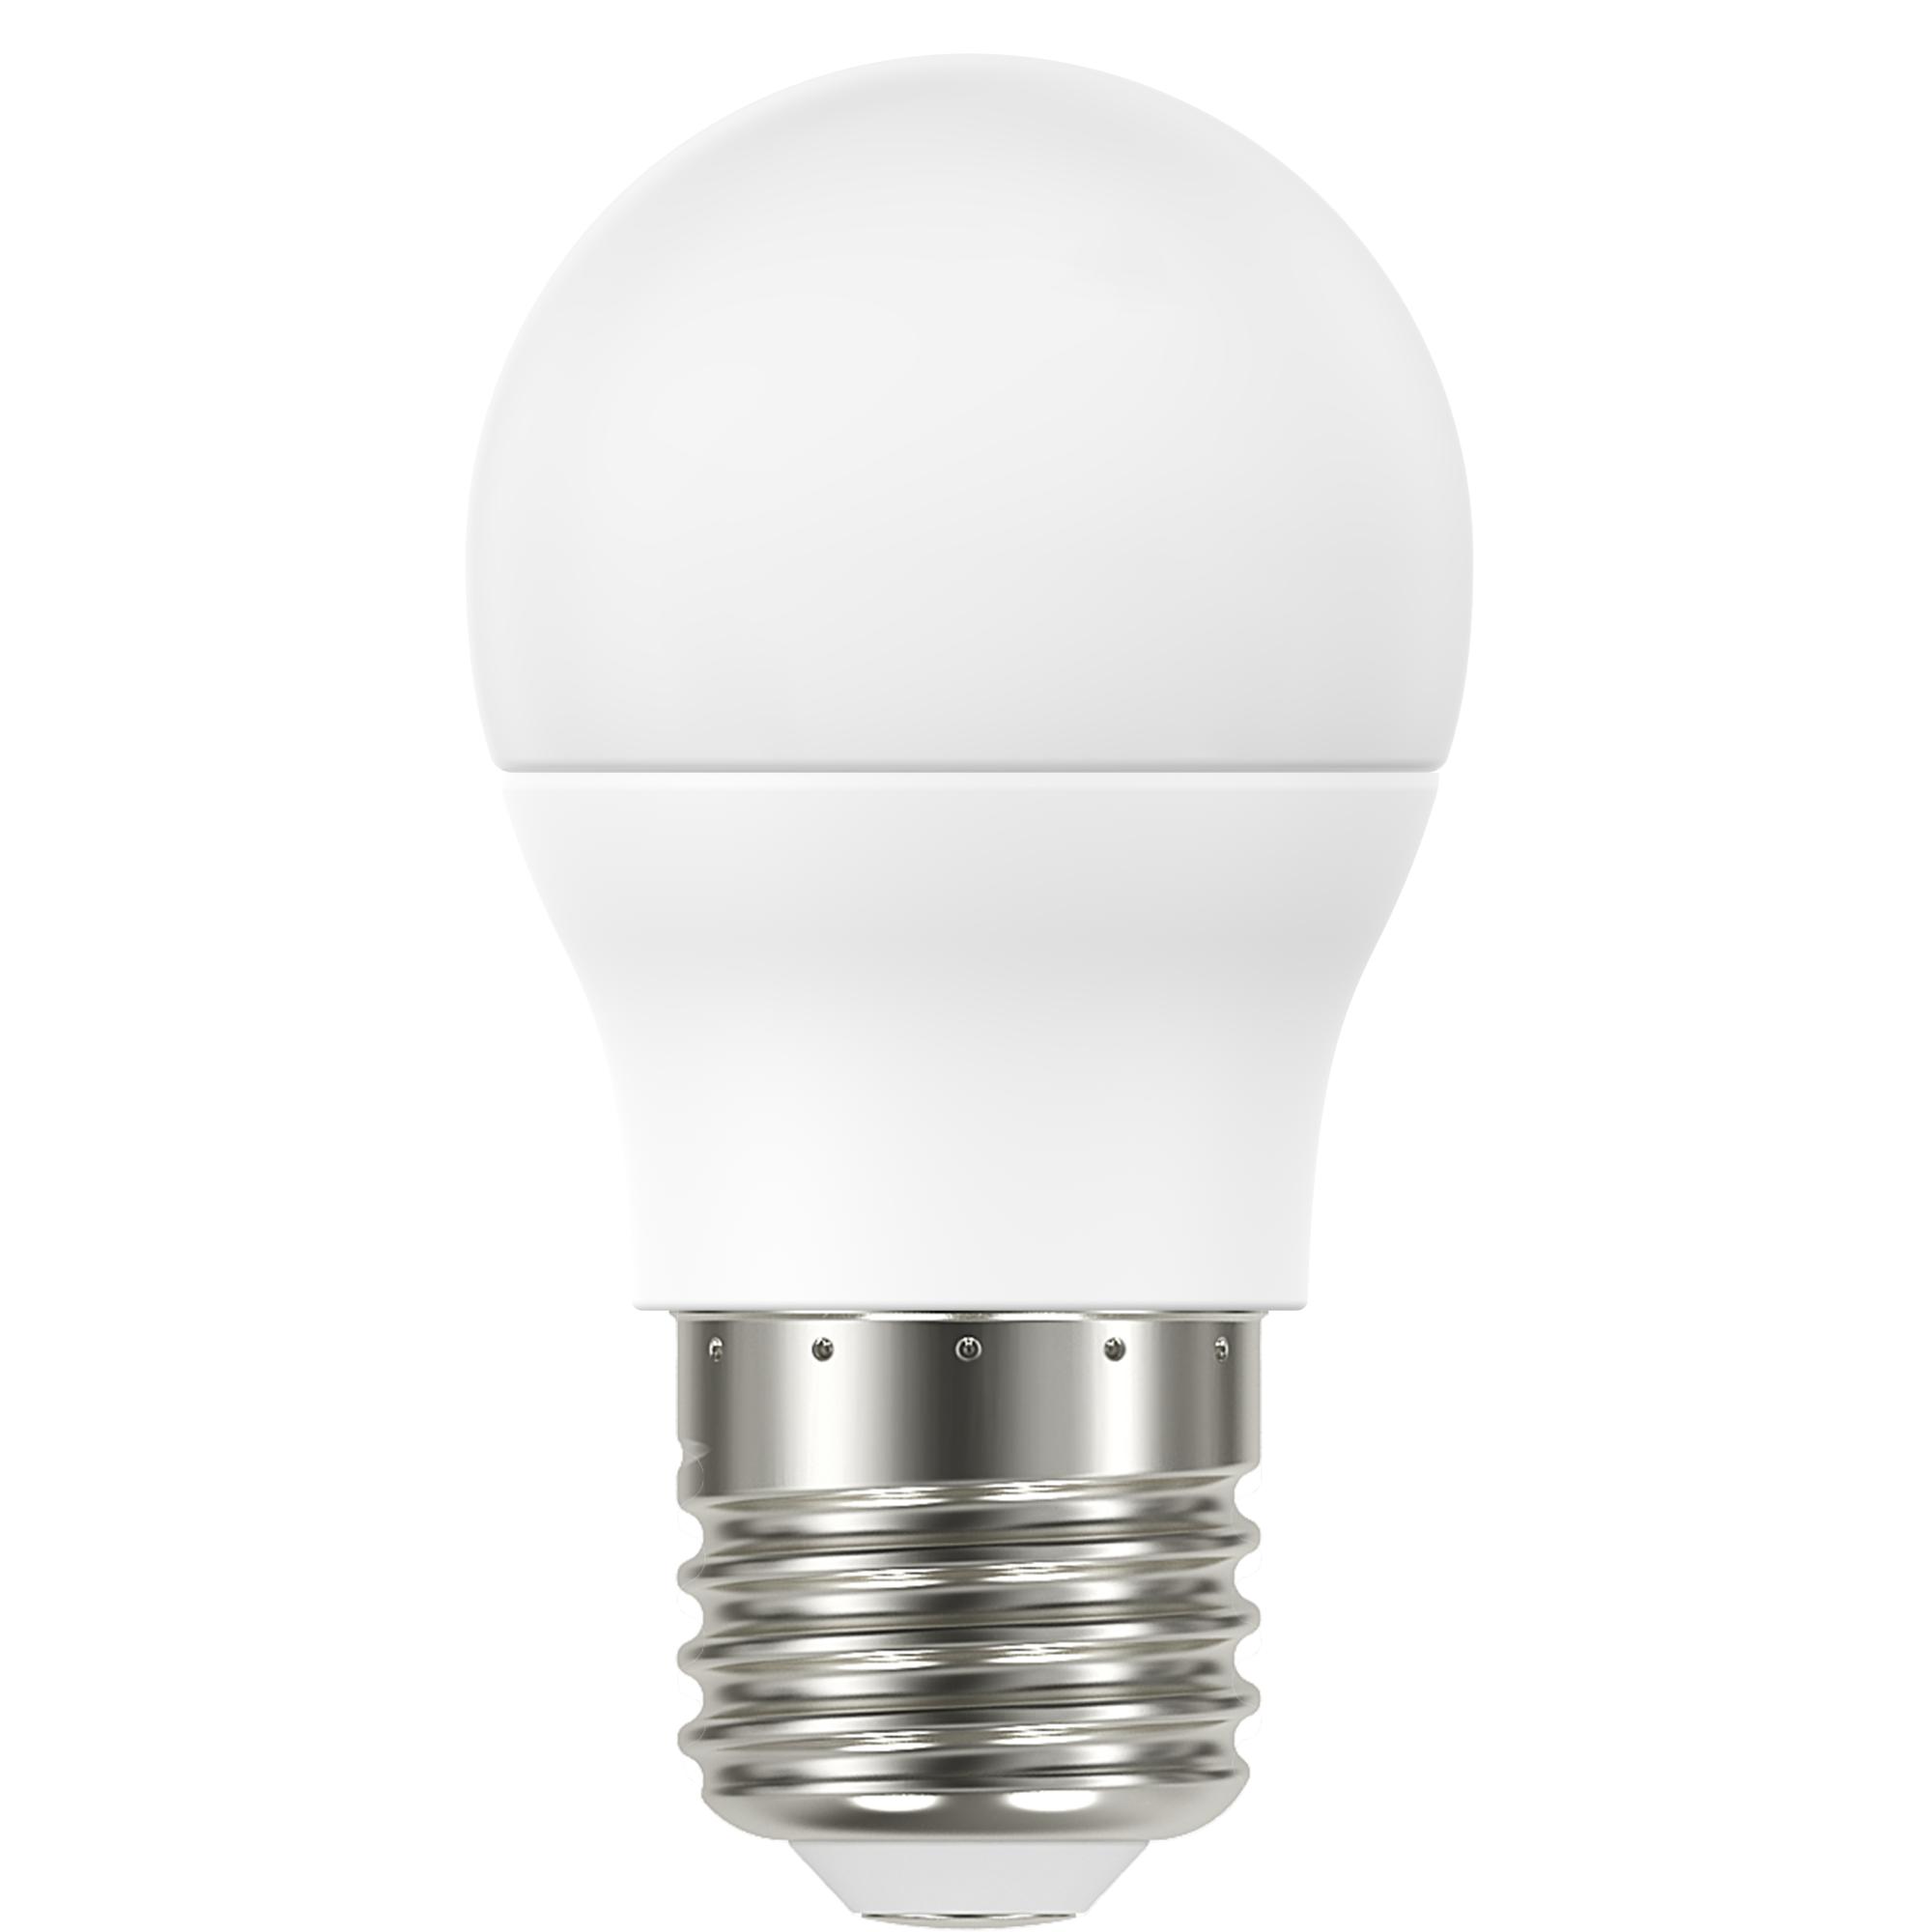 Лампа светодиодная Lexman E27 220 В 6.6 Вт сфера матовая 806 лм тёплый белый свет